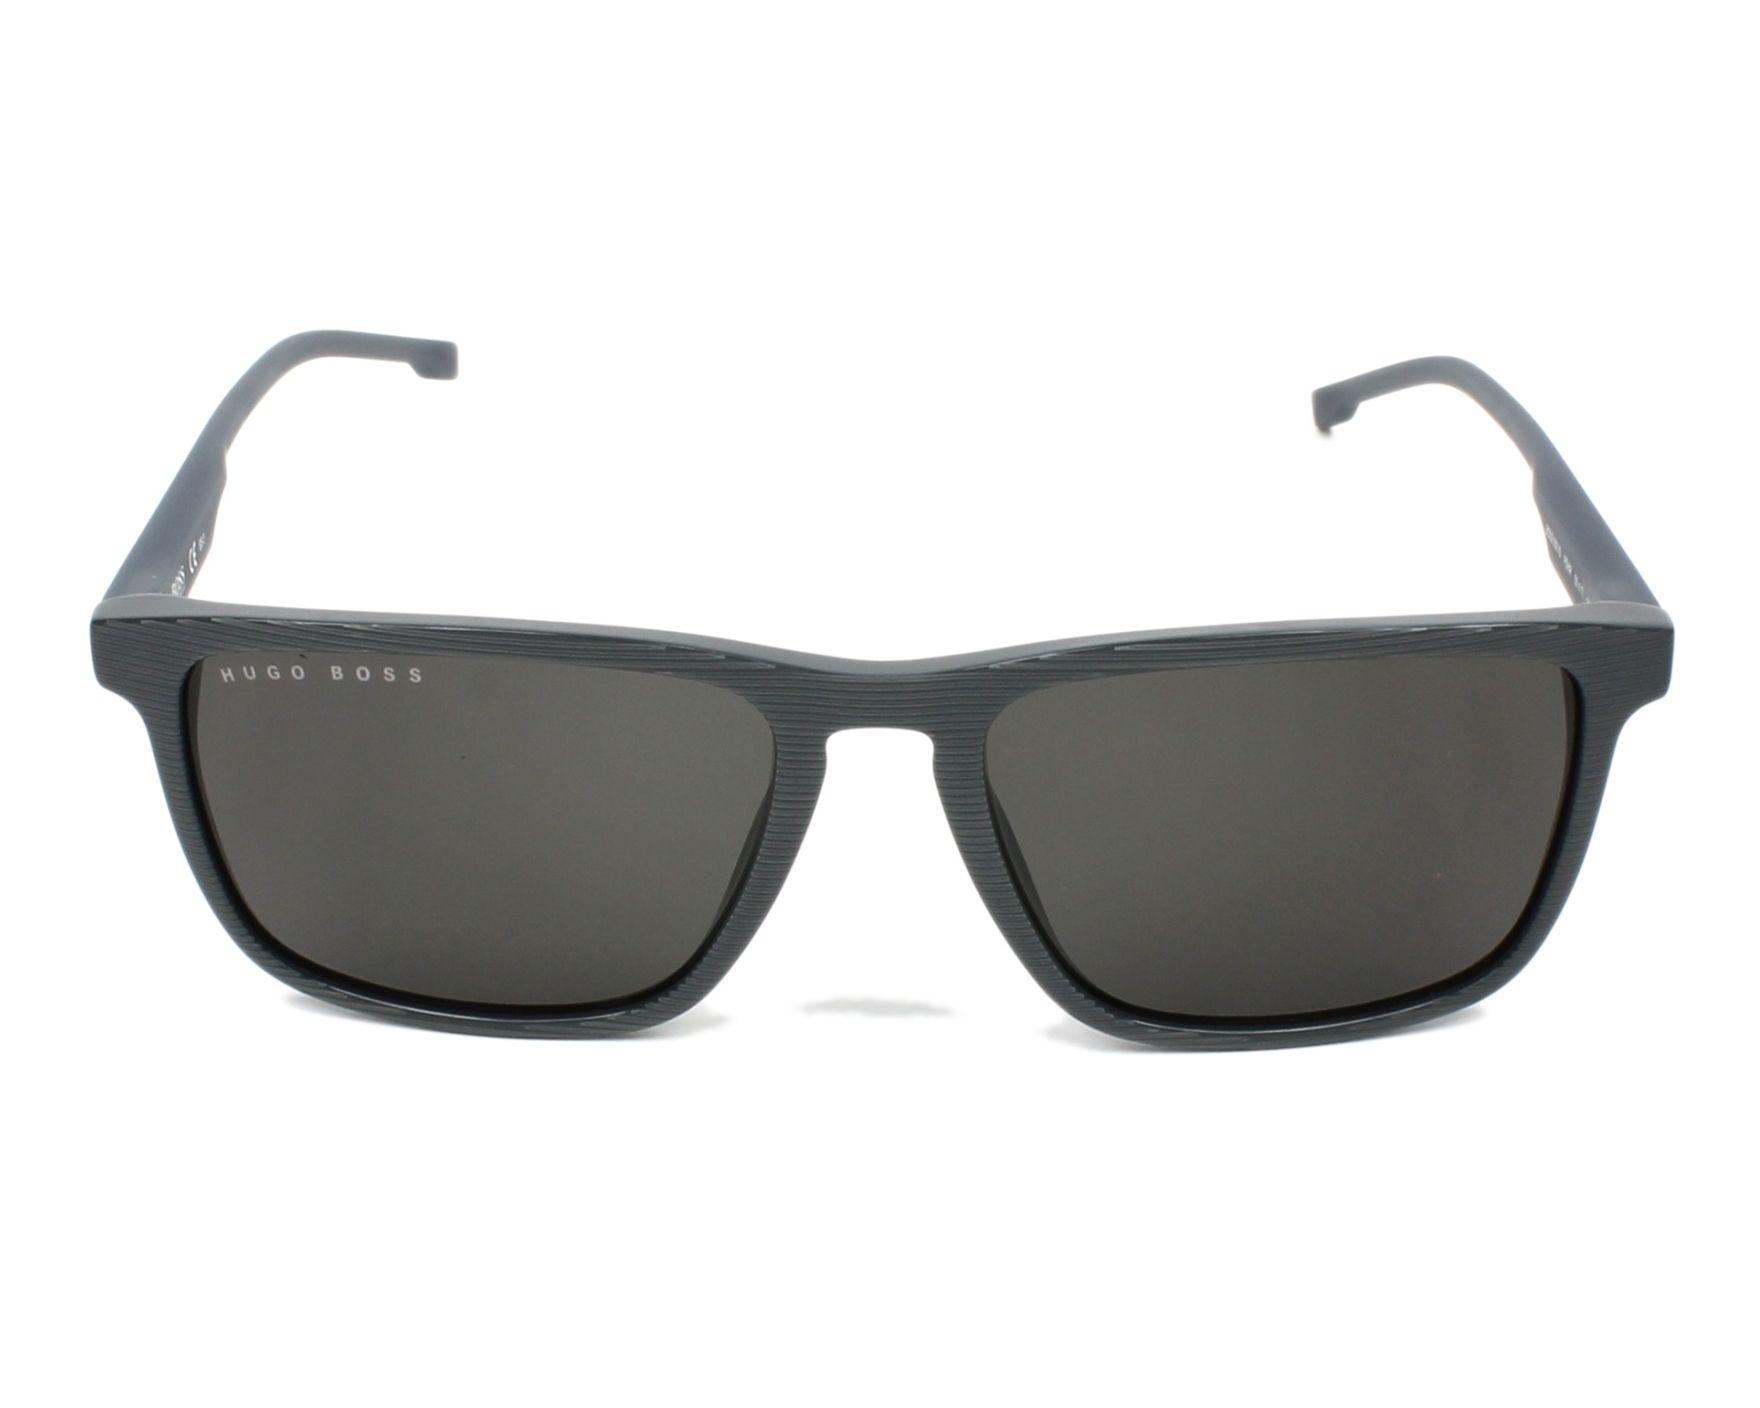 Lunettes de soleil hugo boss boss 0921 s pzh ir gris avec des verres gris - Verre lunette raye assurance ...